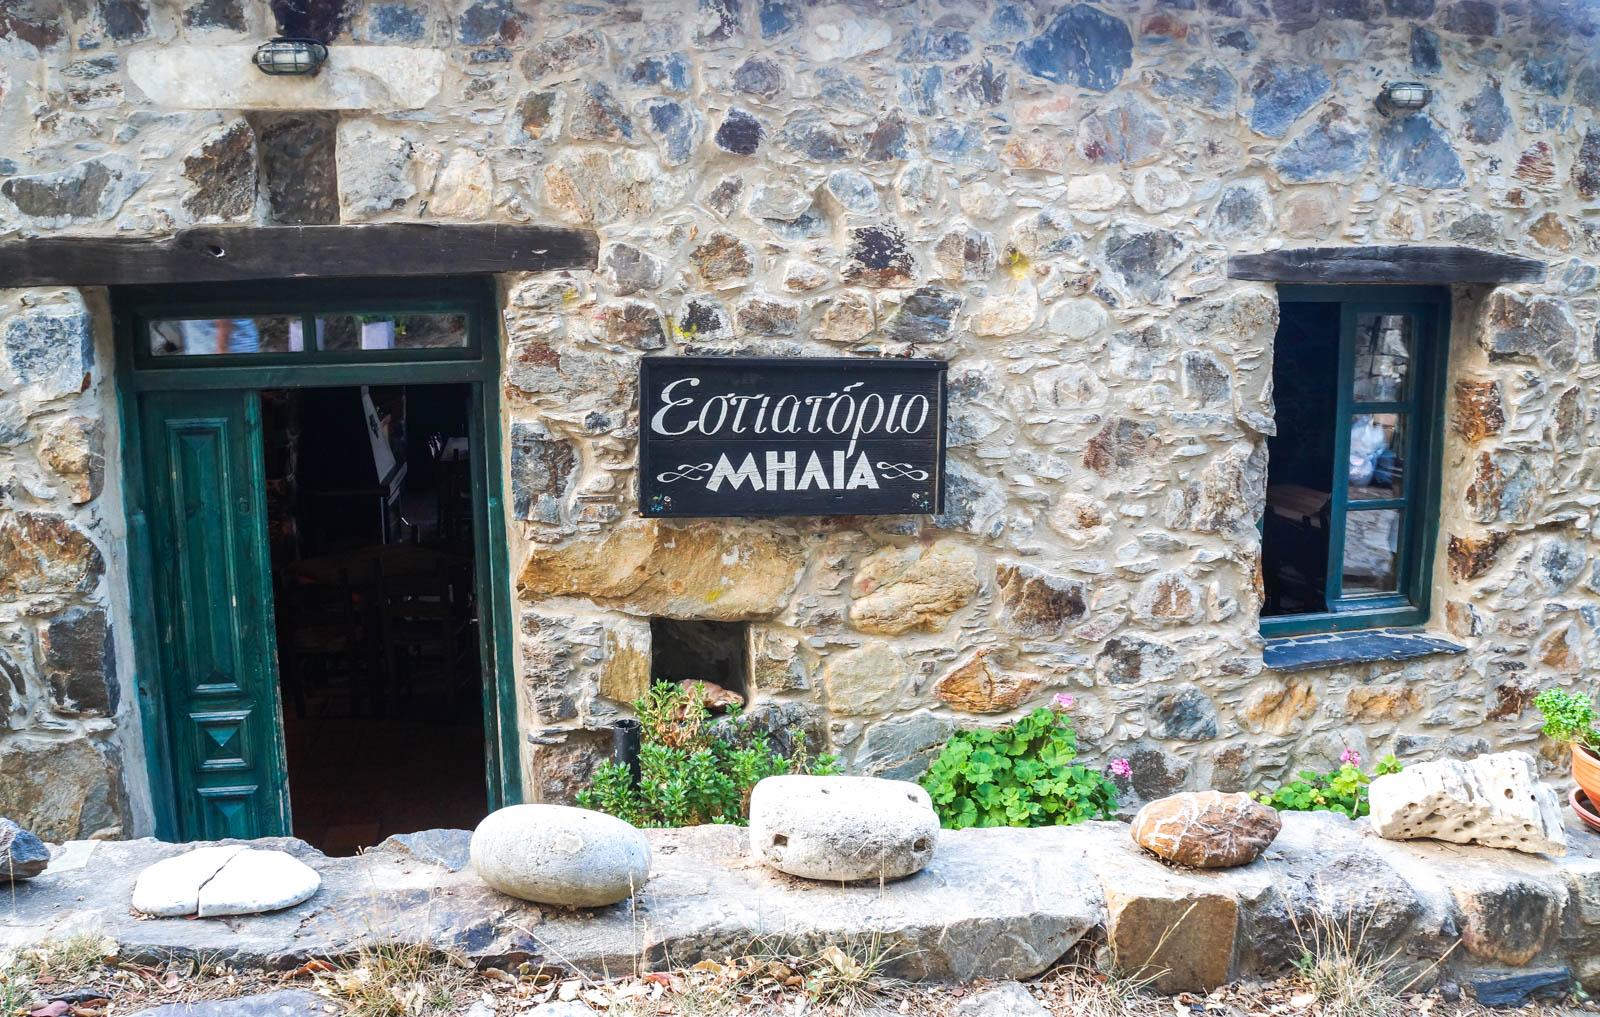 milia-crete-greece-la-vie-en-blog-all-rights-reserved-2